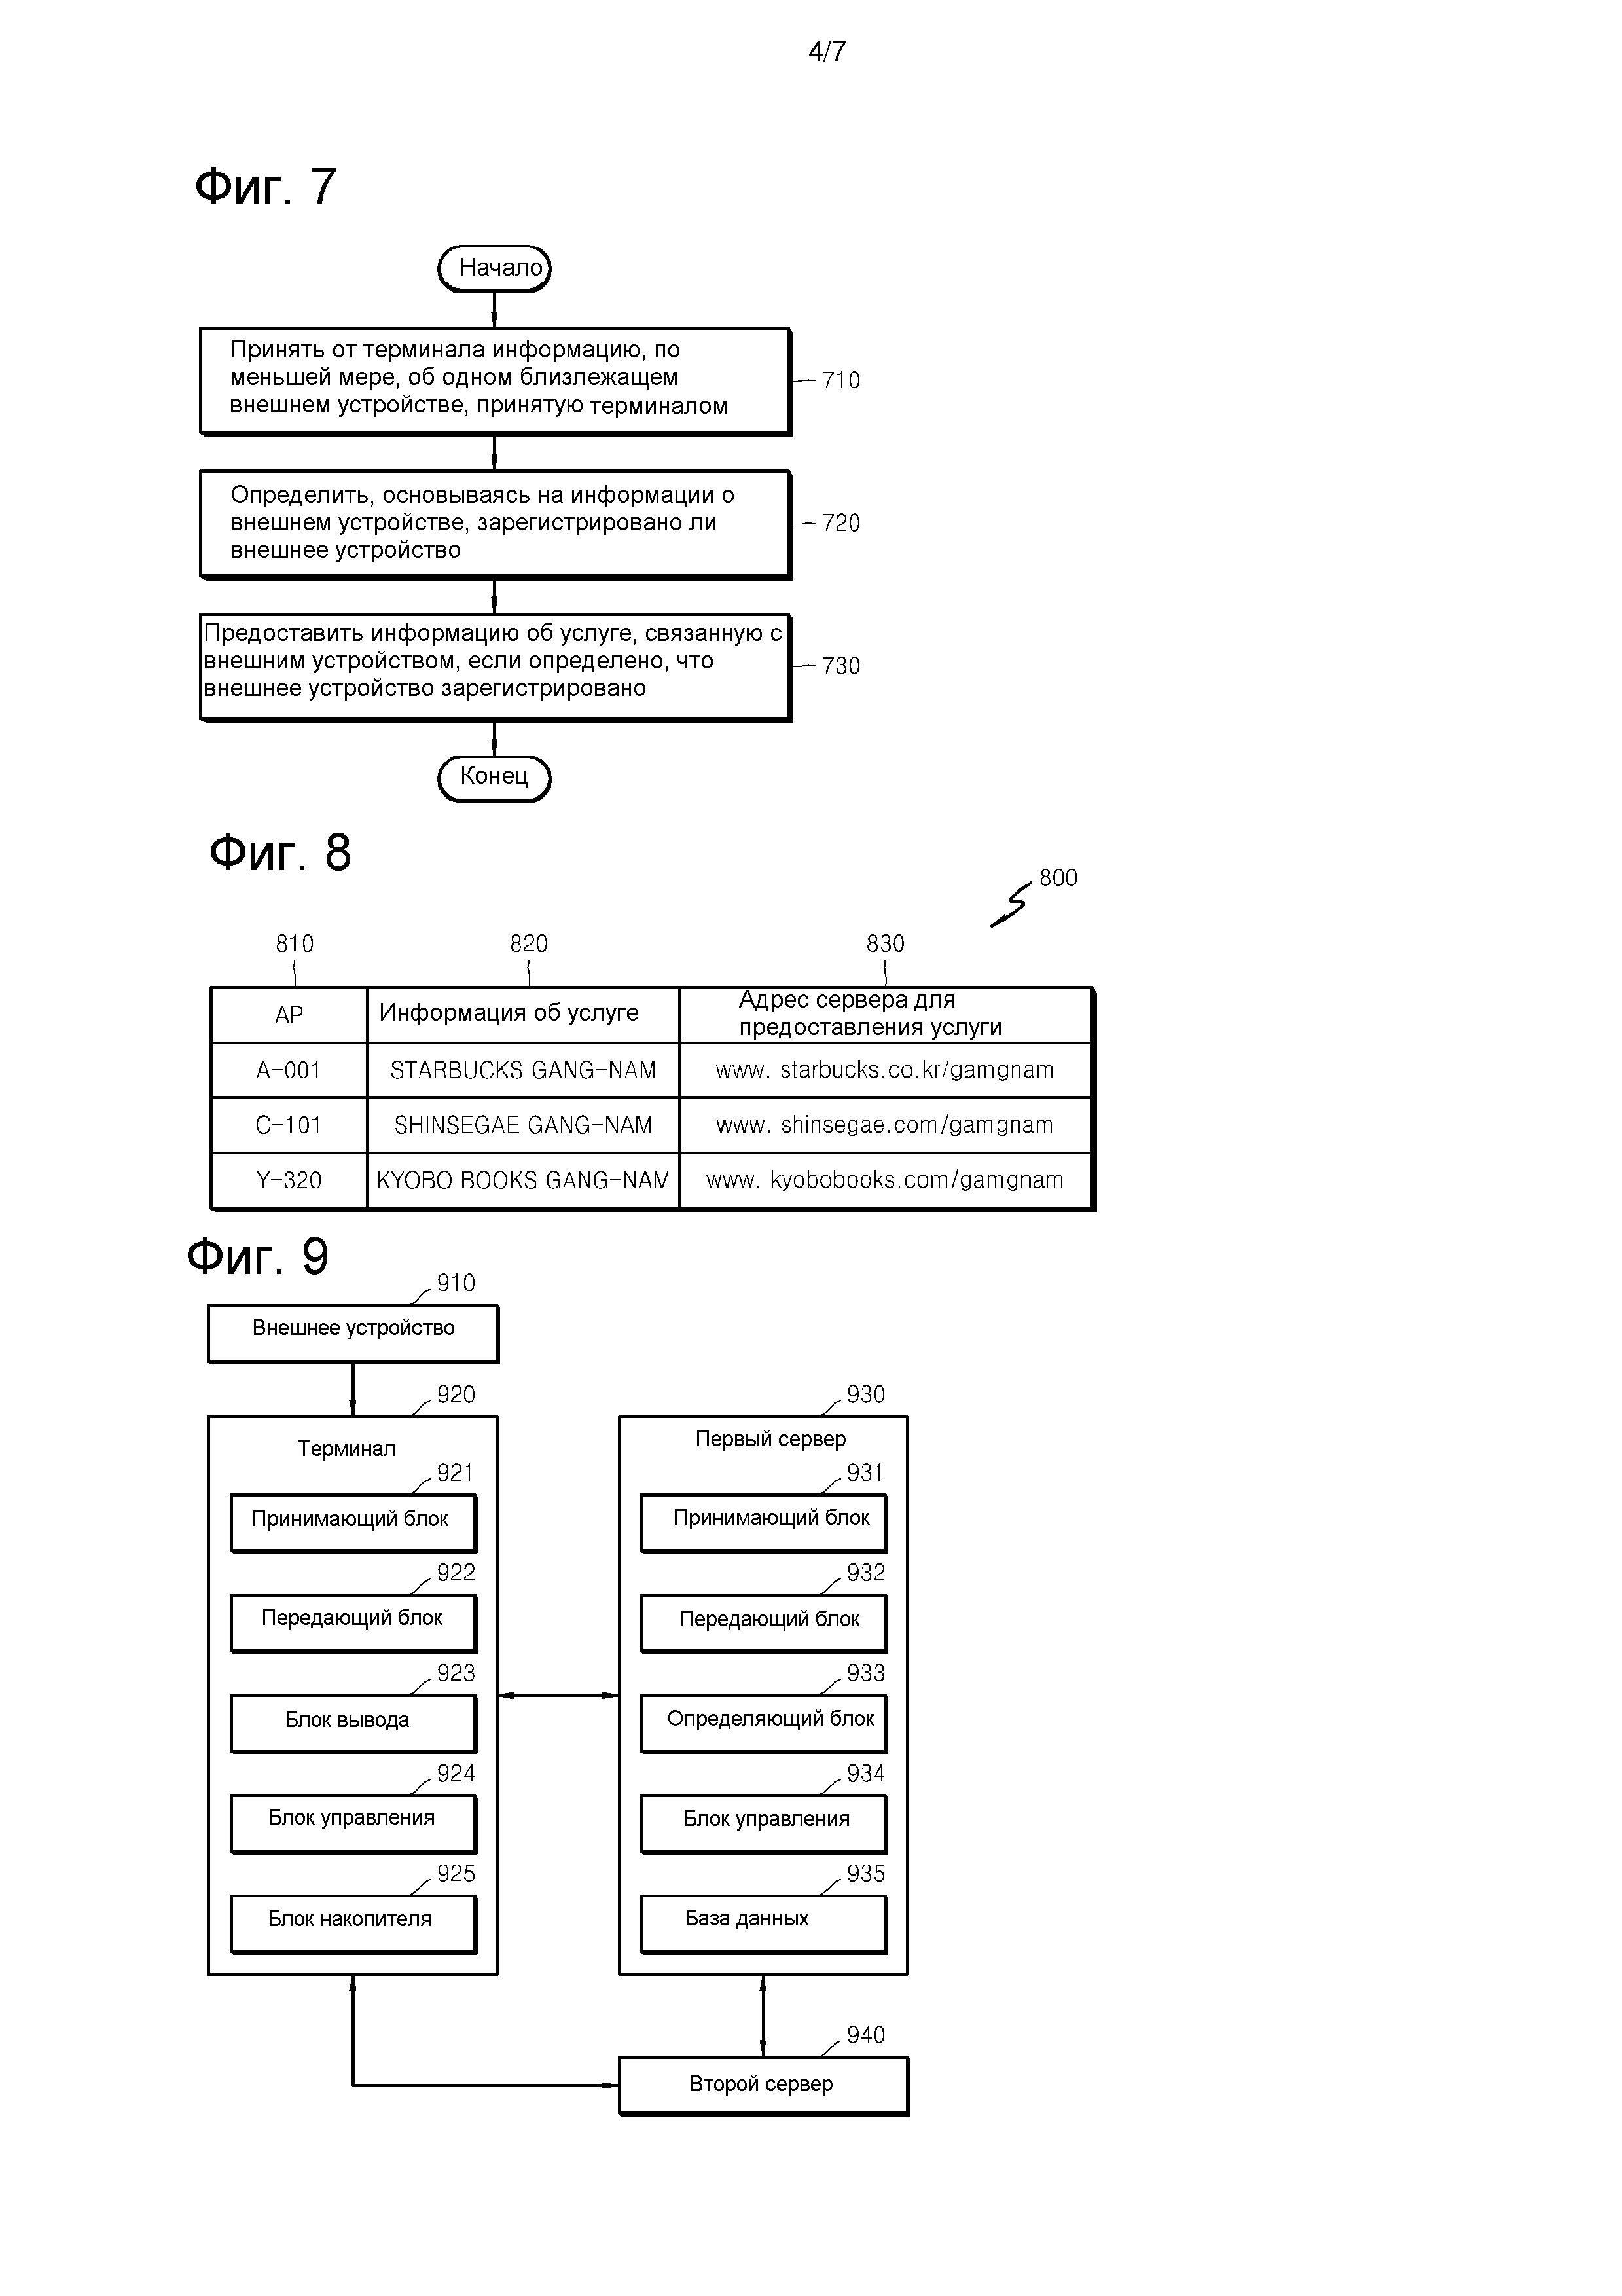 Способы и устройство для получения услуги